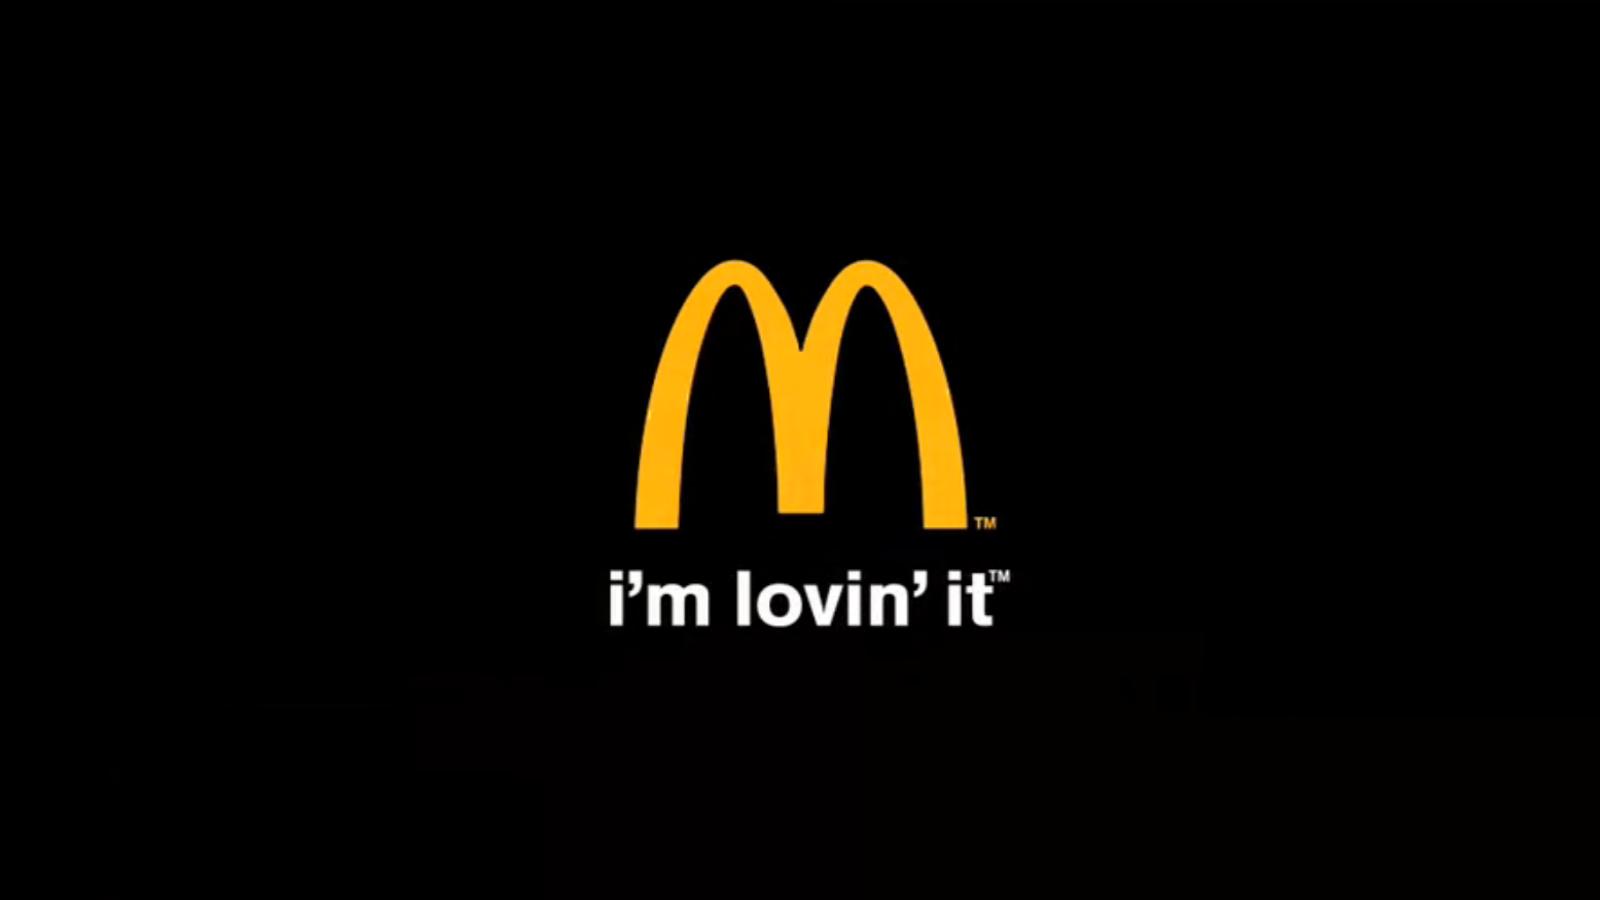 Рекламные слоганы: зачем они нужны, примеры и особенности написания